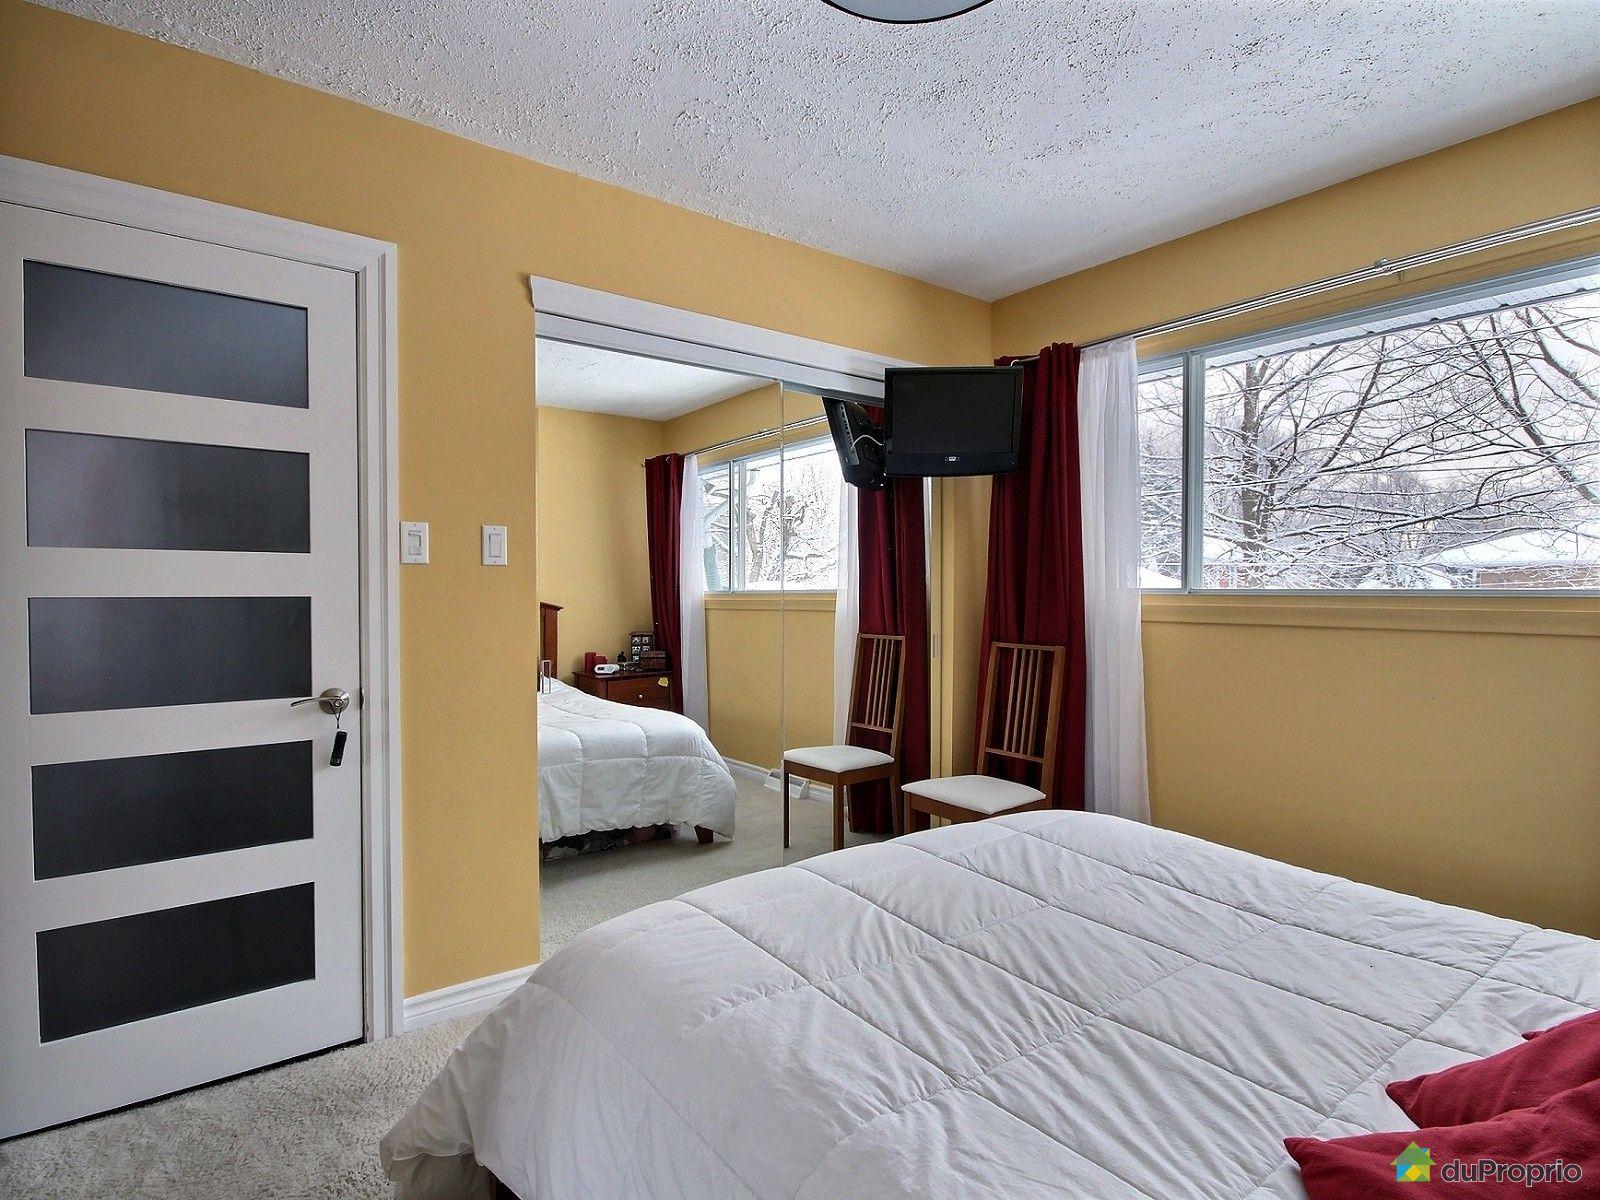 Maison vendre repentigny 60 rue lemoyne immobilier for Chambre repentigny